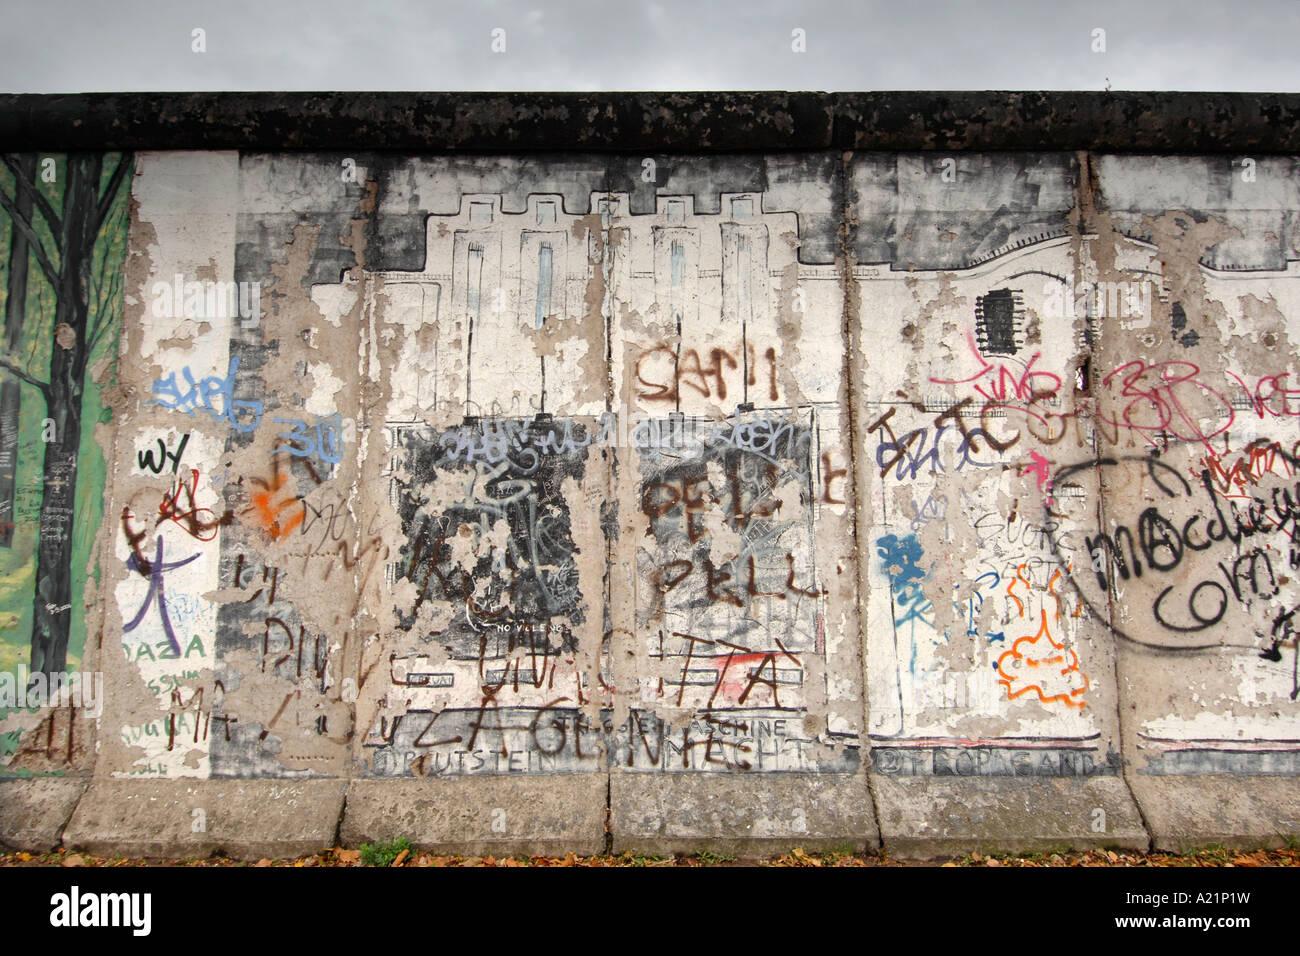 La East Side Gallery, una conservata sezione commemorativo del muro di Berlino in Germania. Immagini Stock